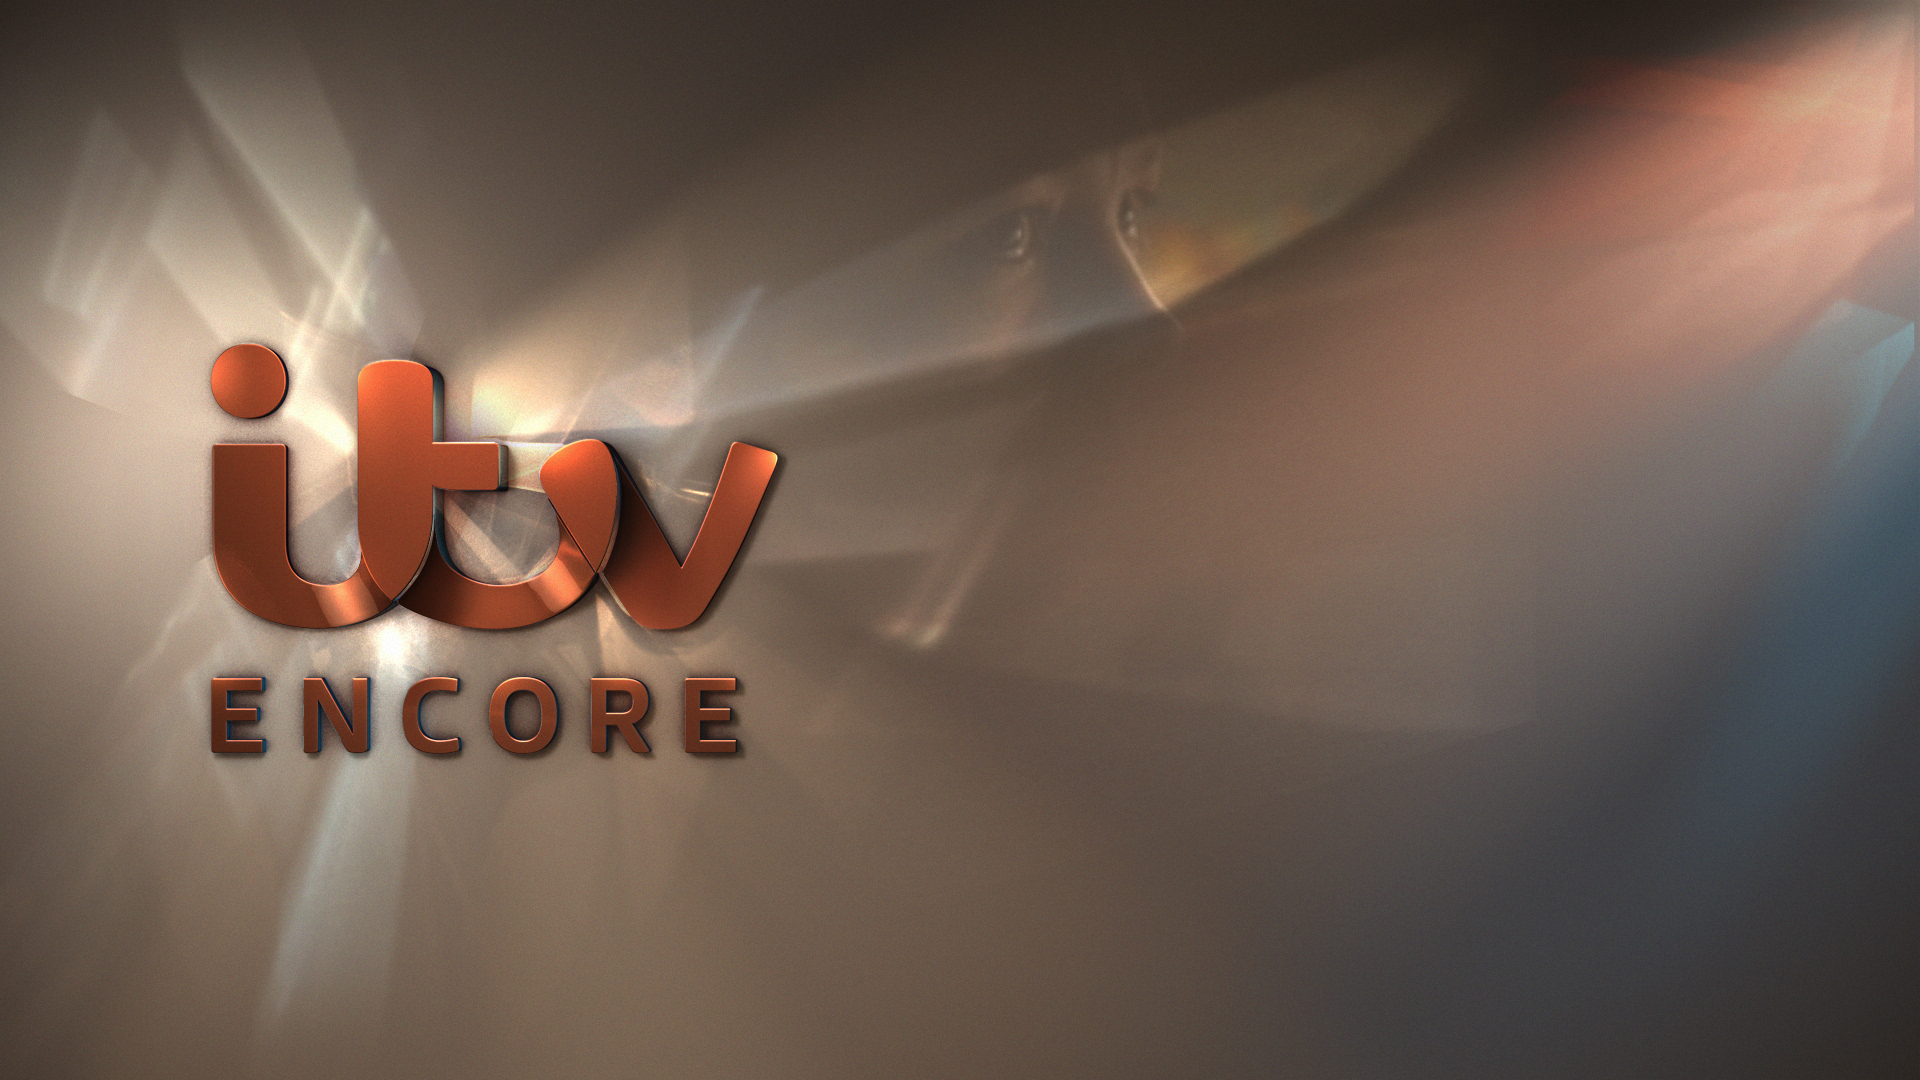 ITV_Encore_011.jpg